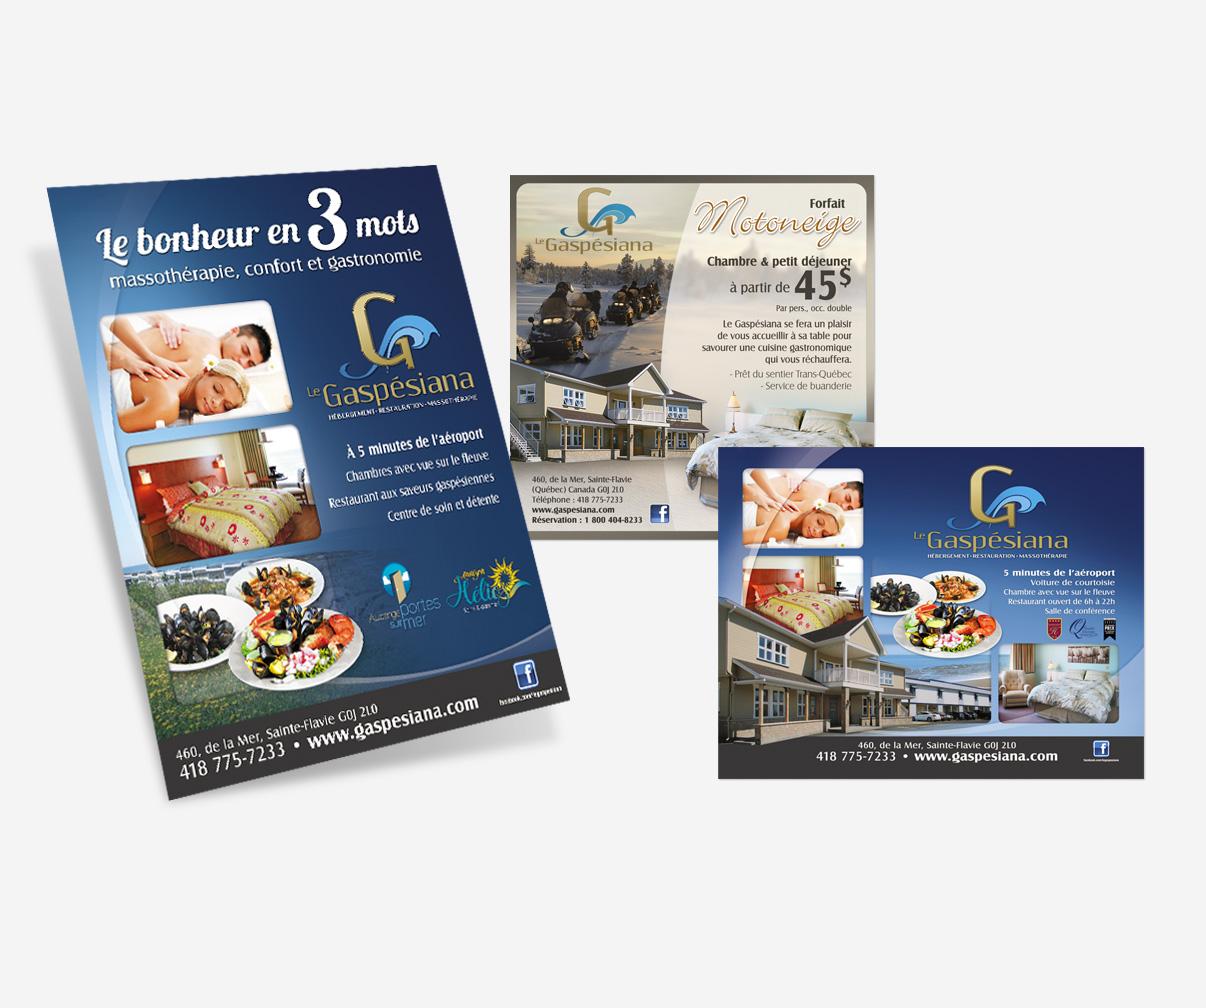 Motel Gaspésiana - Publicités guides touristiques